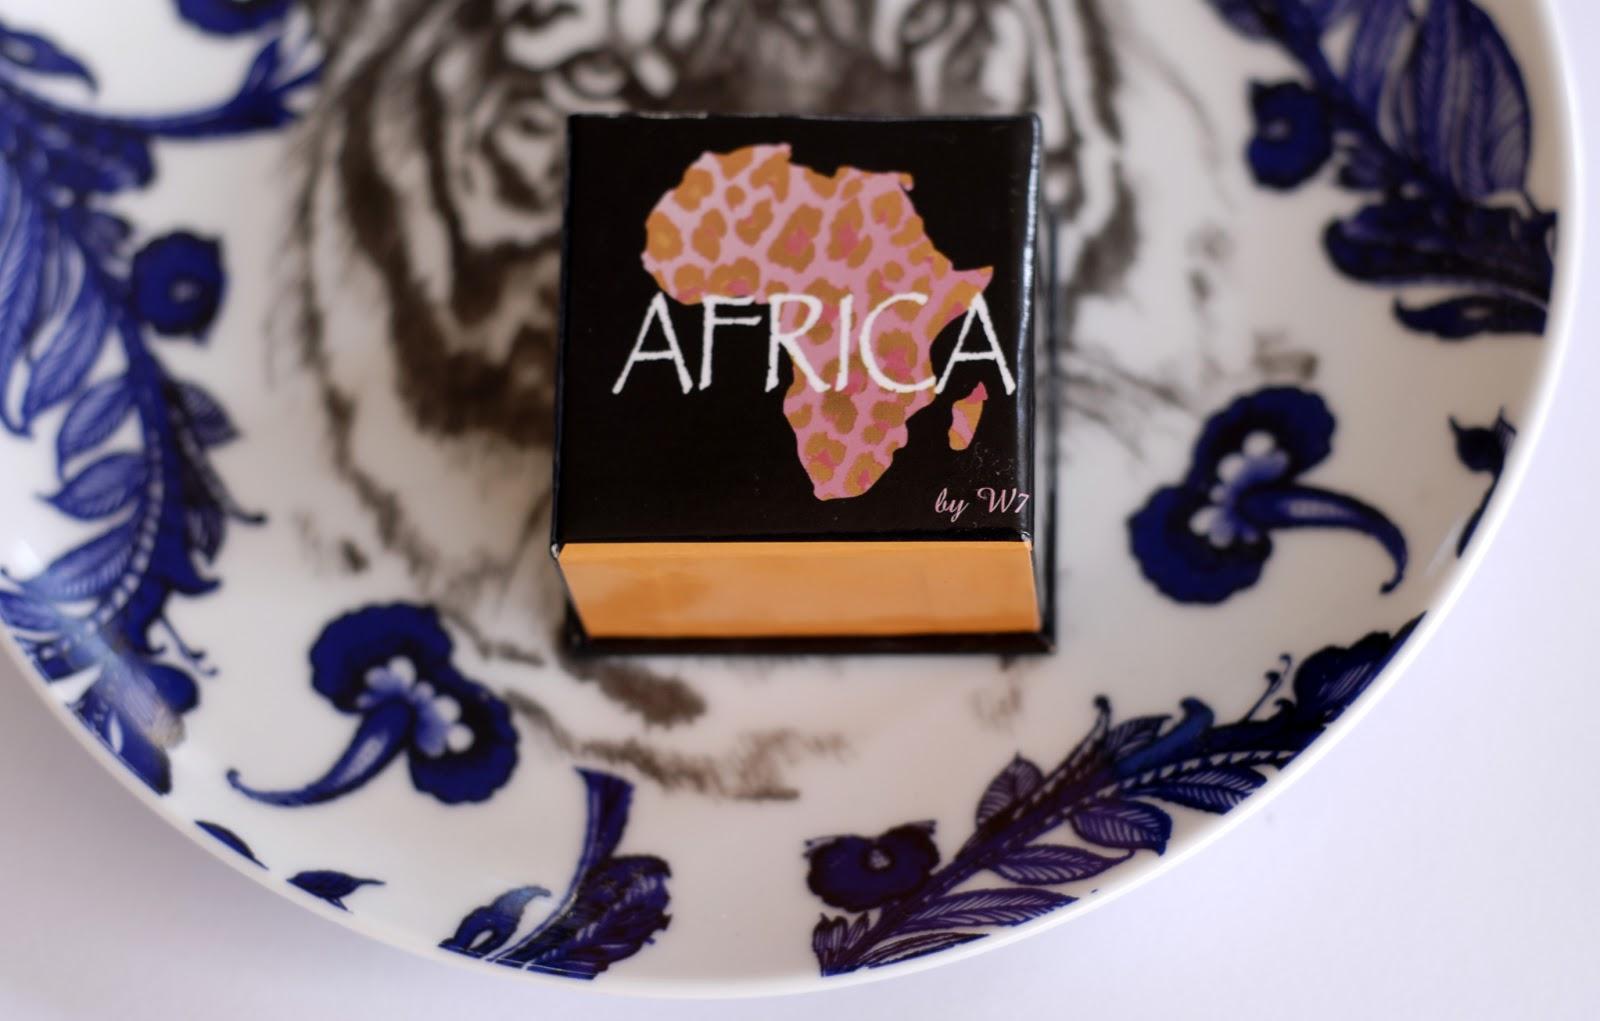 W7 Africa Bronzing powder